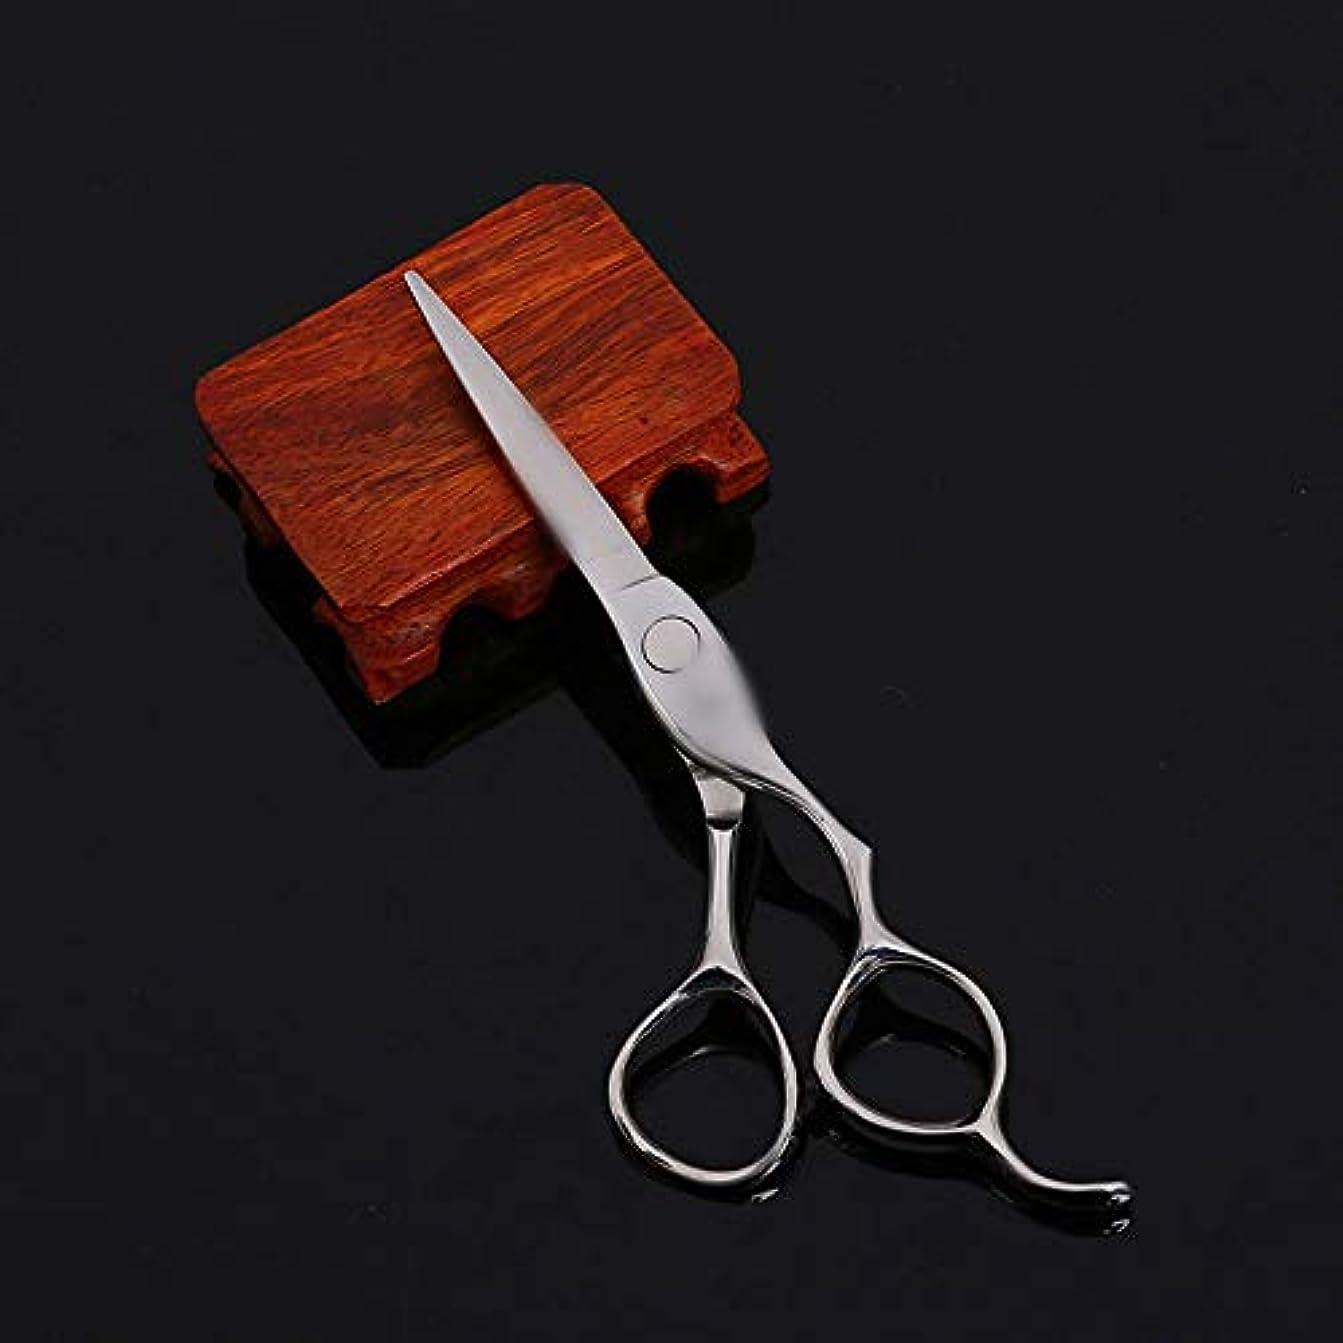 検査克服する推定WASAIO 髪間伐はさみはさみプロフェッショナル理容美容サロンテクスチャーレイザーエッジシザーステンレスセット美容ダブルスクエアフラットツール6インチ (色 : Silver)